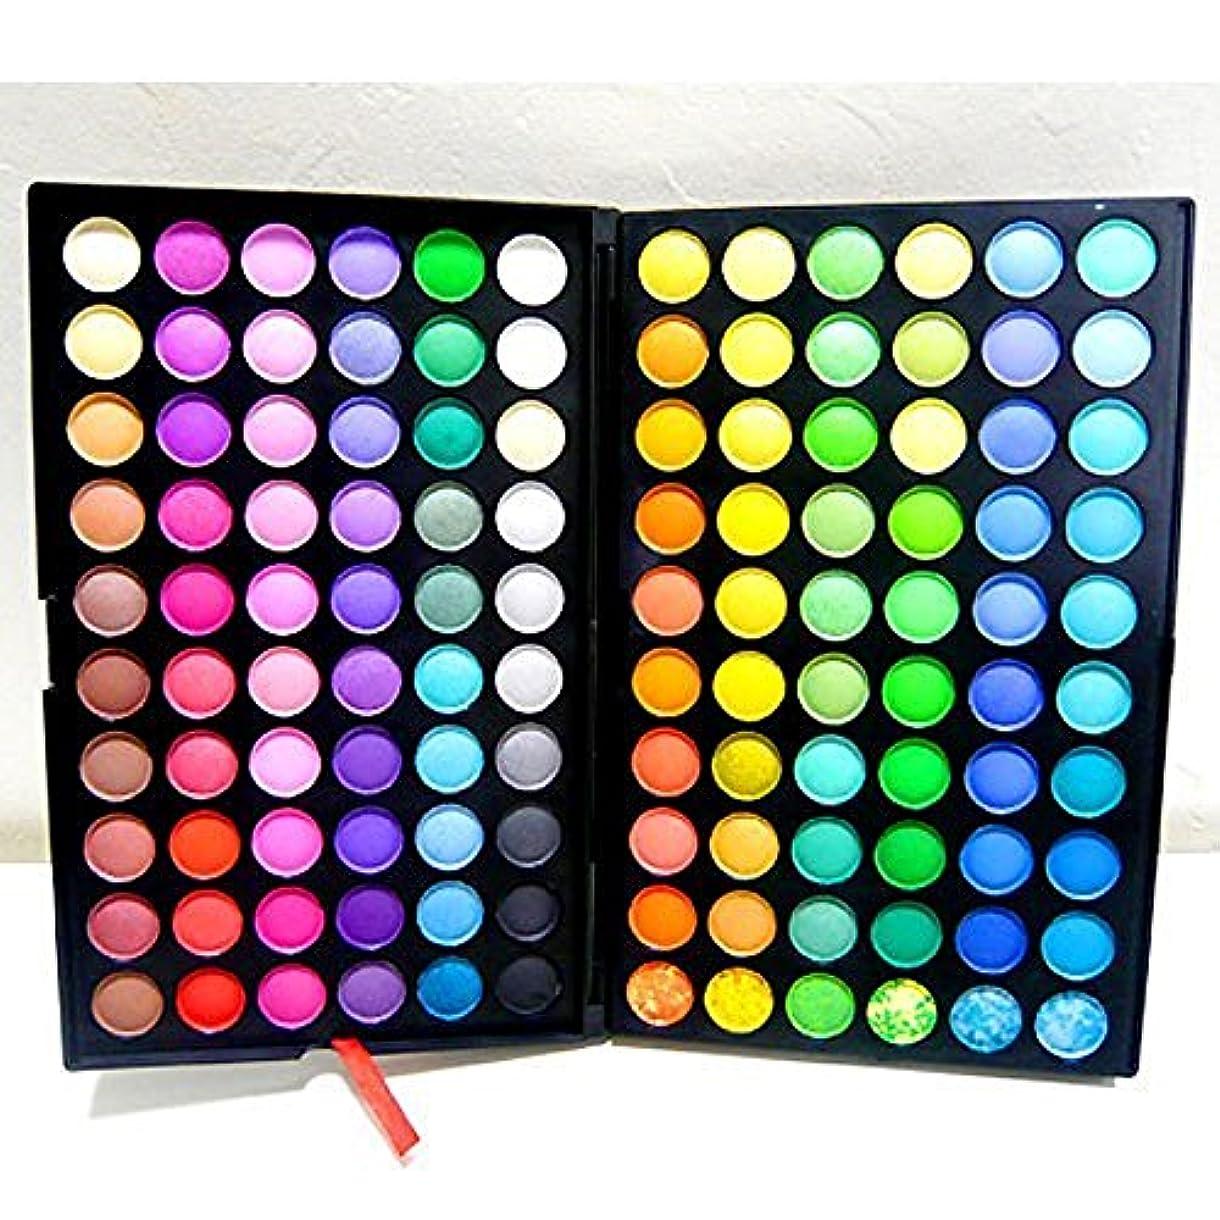 詳細な保険熱意入荷しました【LuxuryRose】発色が素晴らしい!120カラーアイシャドウパレット